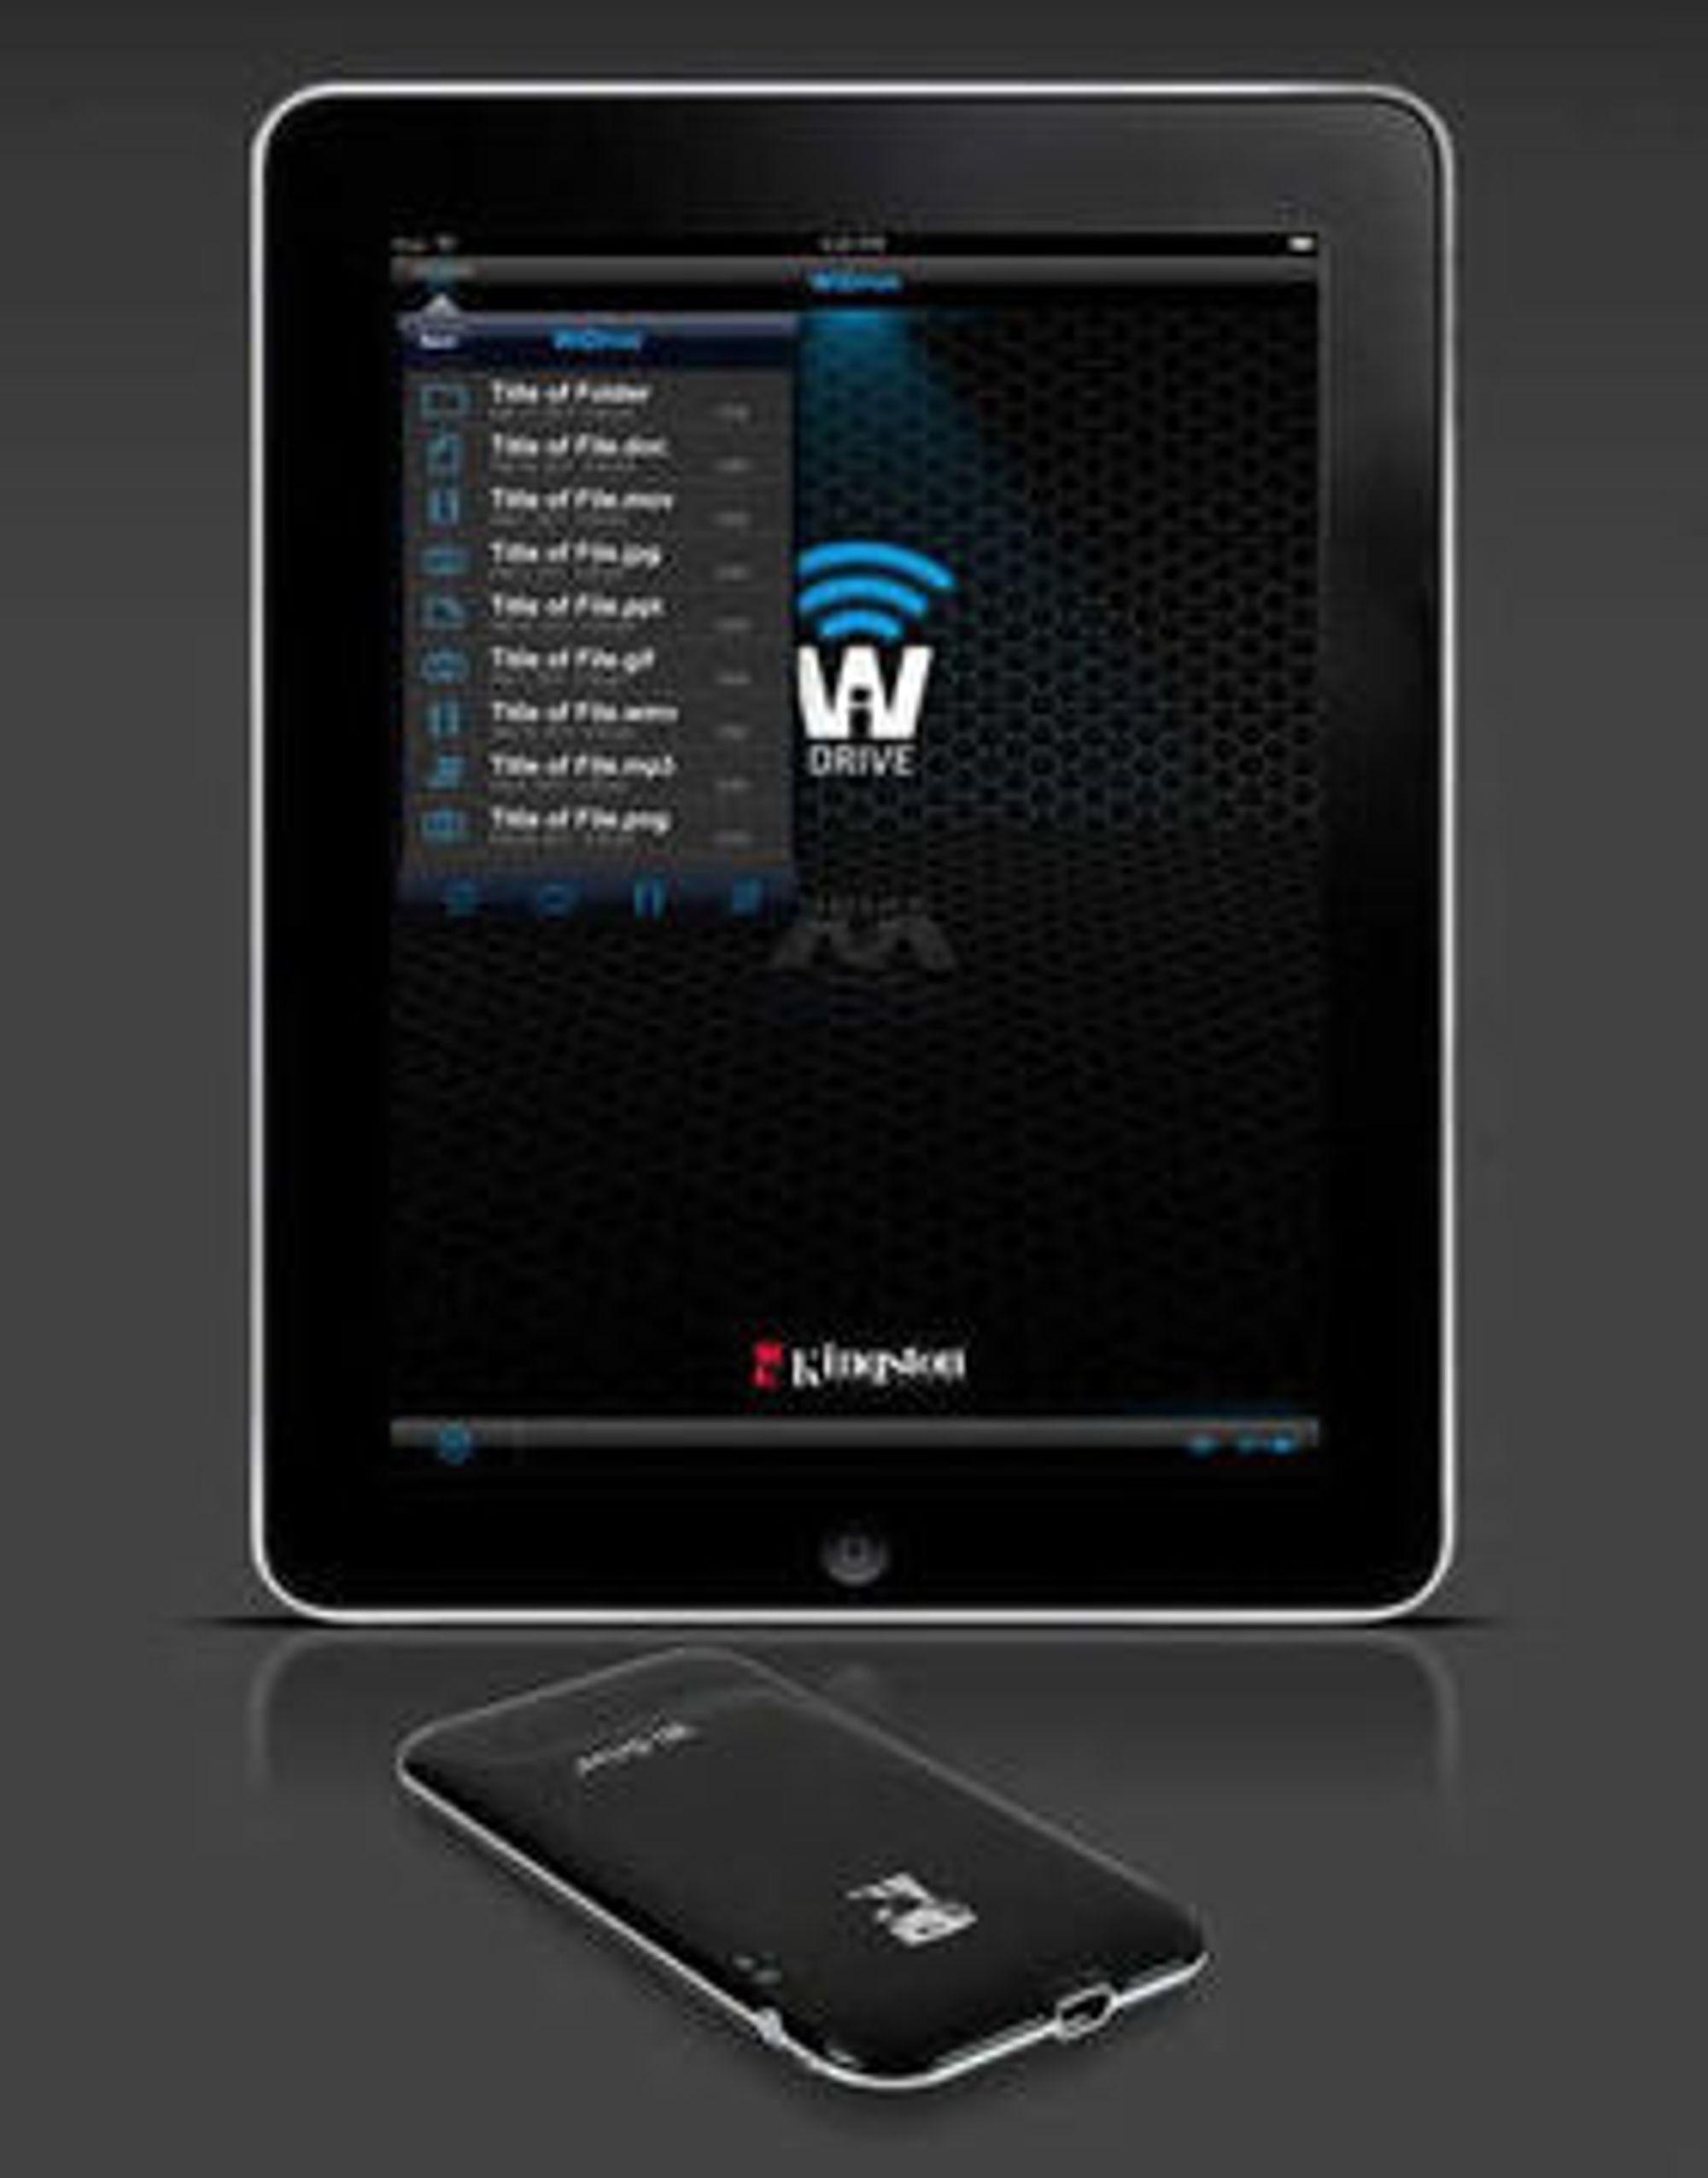 Wi-Drive gir utvidet lagring til enheter uten USB-utgang, ved å opprette en direkte WLAN-forbindelse. Lagringen styres av en app.